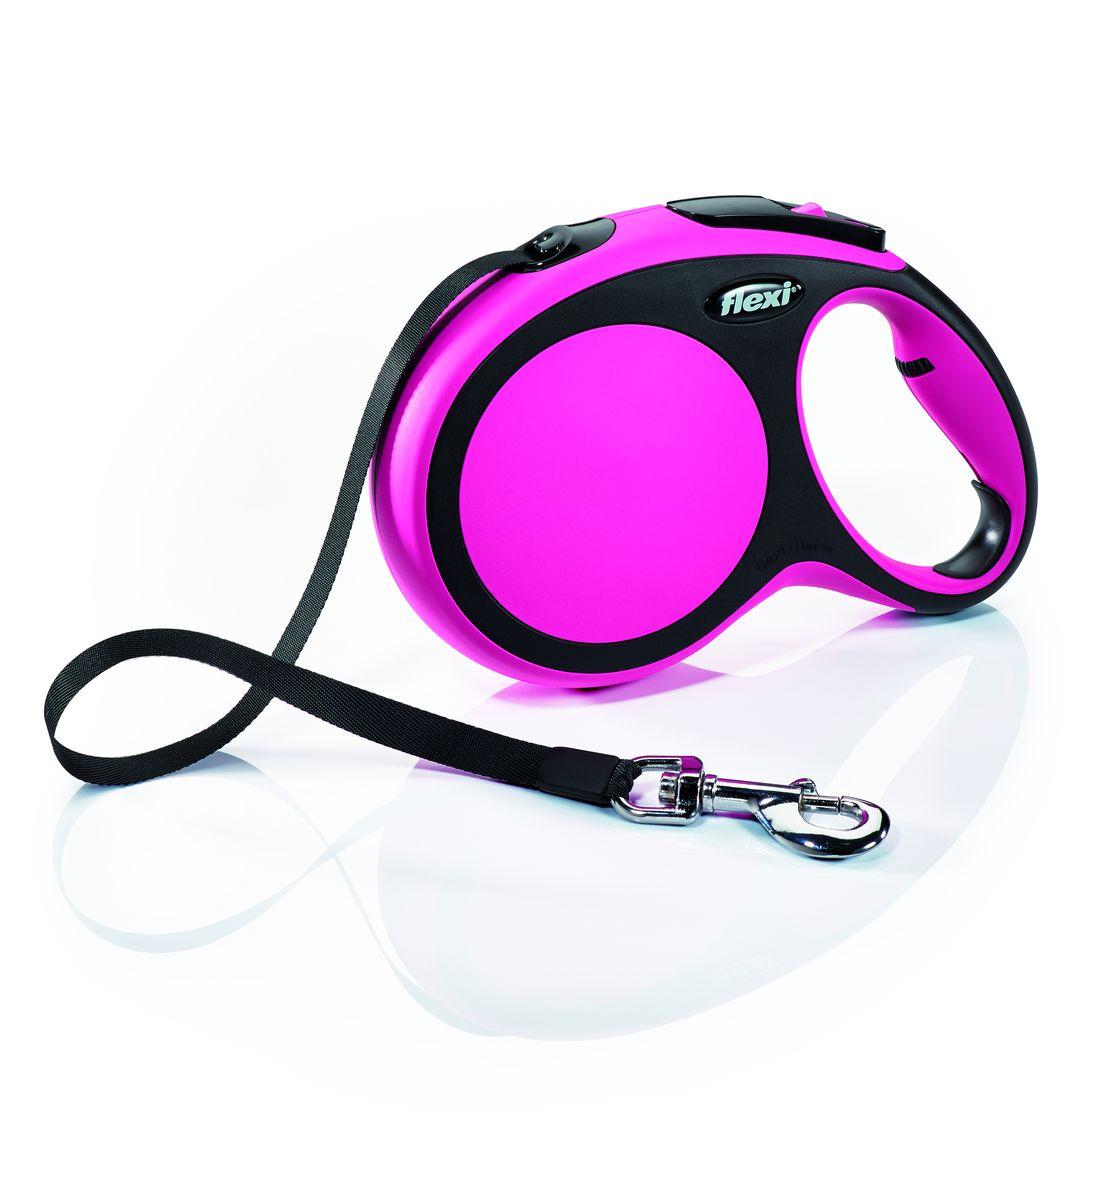 Поводок-рулетка Flexi New Comfort L, лента, для собак весом до 50 кг, цвет: черный, розовый, 8 м0120710Ленточный поводок-рулетка обеспечивает собаке свободу движения, что идет на пользу здоровью и радует вашего четвероногого друга. Рулетка очень проста в использовании. Оснащена кнопками кратковременной и постоянной фиксации. Рулетку можно оснастить - мультибоксом для лакомств или пакетиков для сбора фекалий, LED подсветкой корпуса.Прочный корпус, хромированная застежка и светоотражающие элементы.Лента поводка автоматически сматывается и поводок в процессе использования не провисает, не касается грунта и таким образом не пачкается и не перетирается. Поводок не нужно подбирать руками когда питомец подошел ближе, таким образом ваши руки всегда чистые.На рукоятке имеется регулировка размера для адаптации под размер рукиМаксимальный вес питомца: 50 кгДлина: 8 м